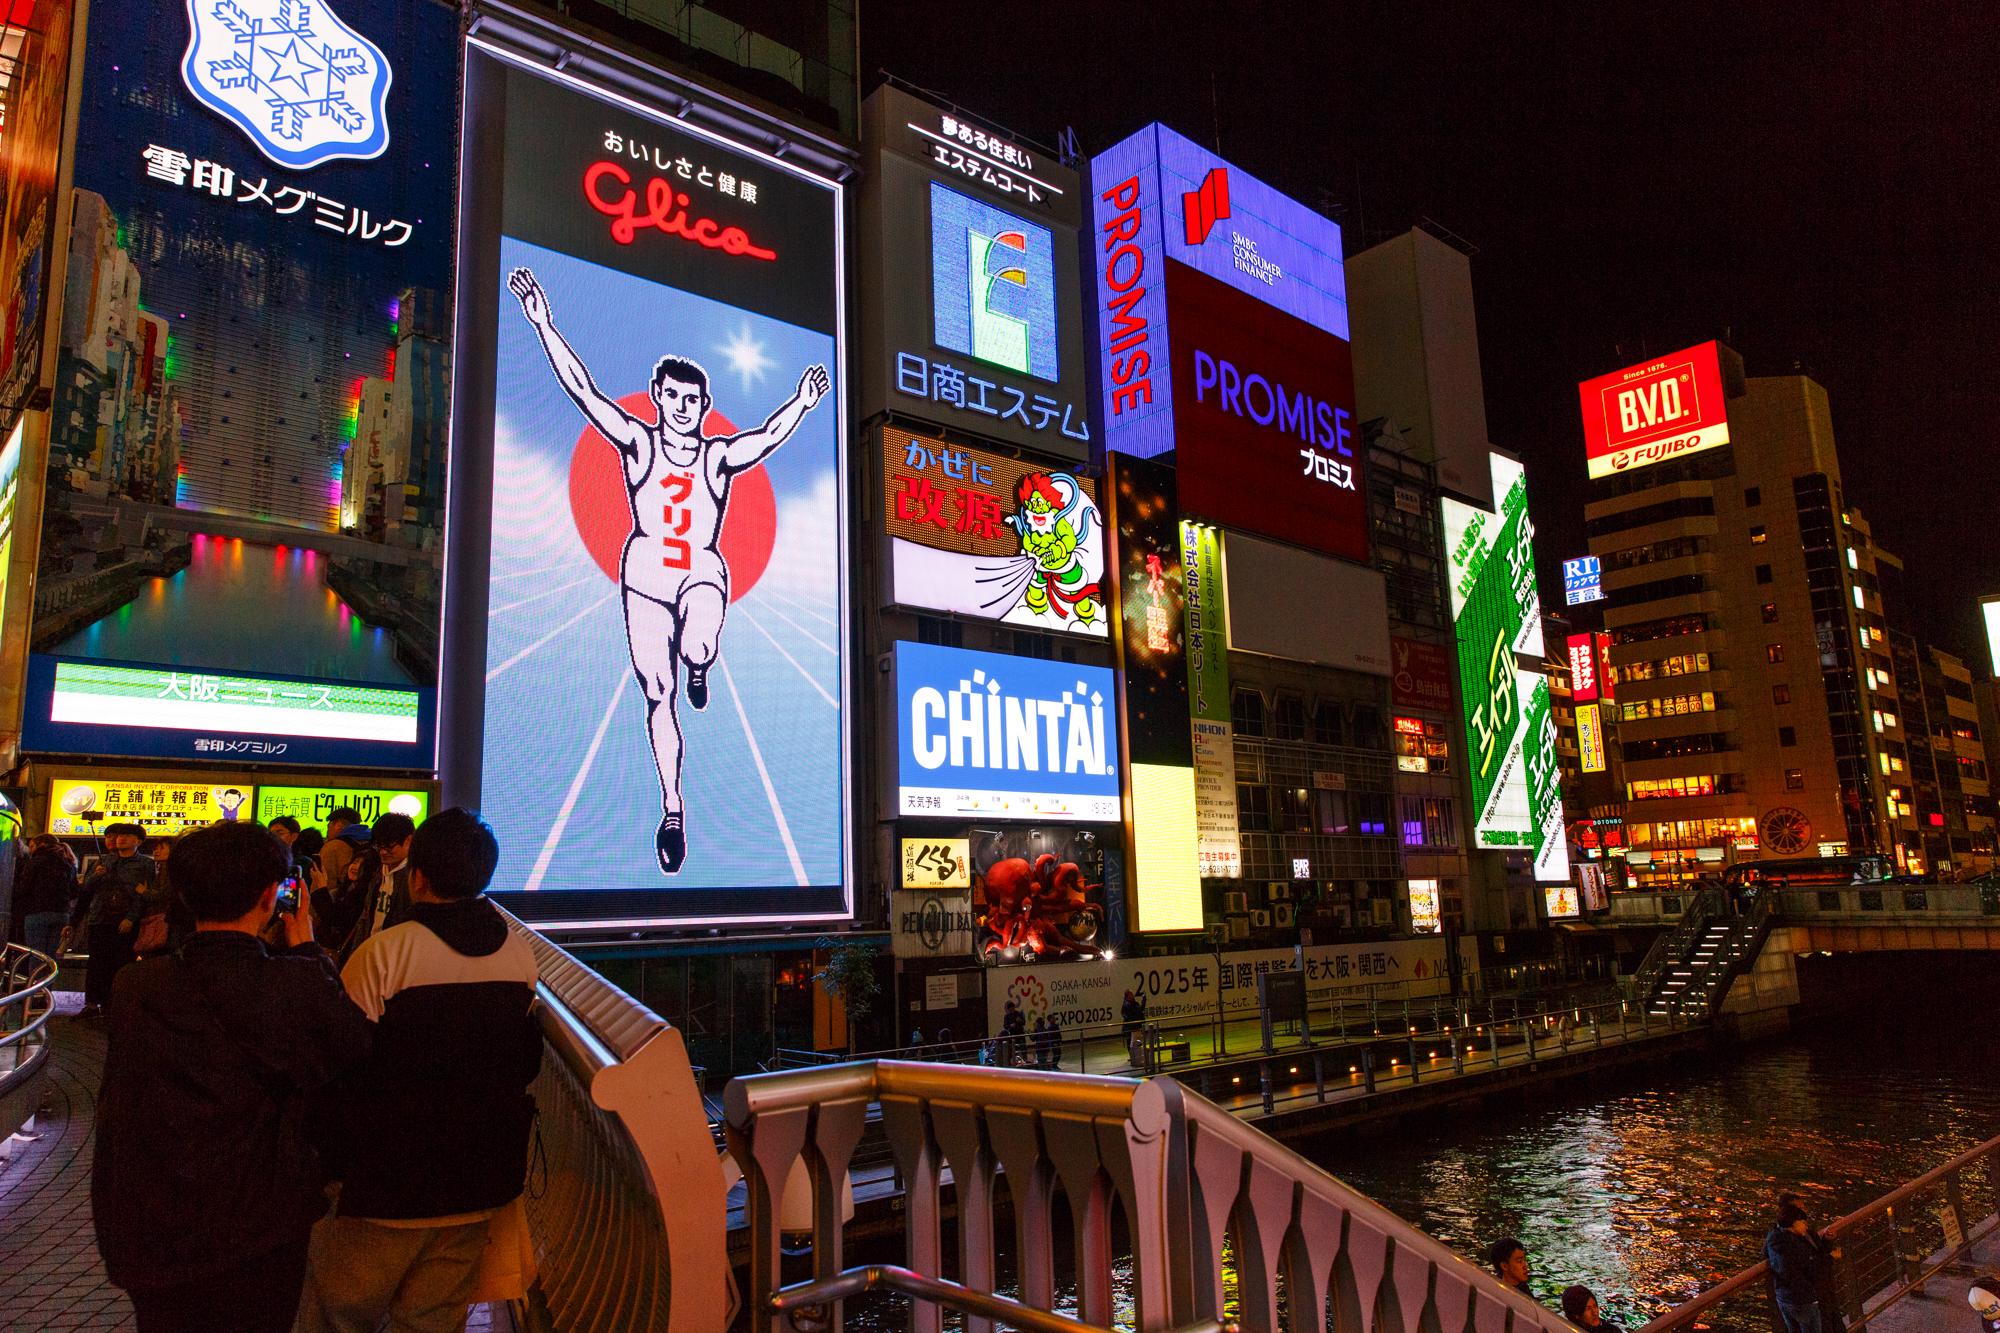 19時:大阪を体感する。